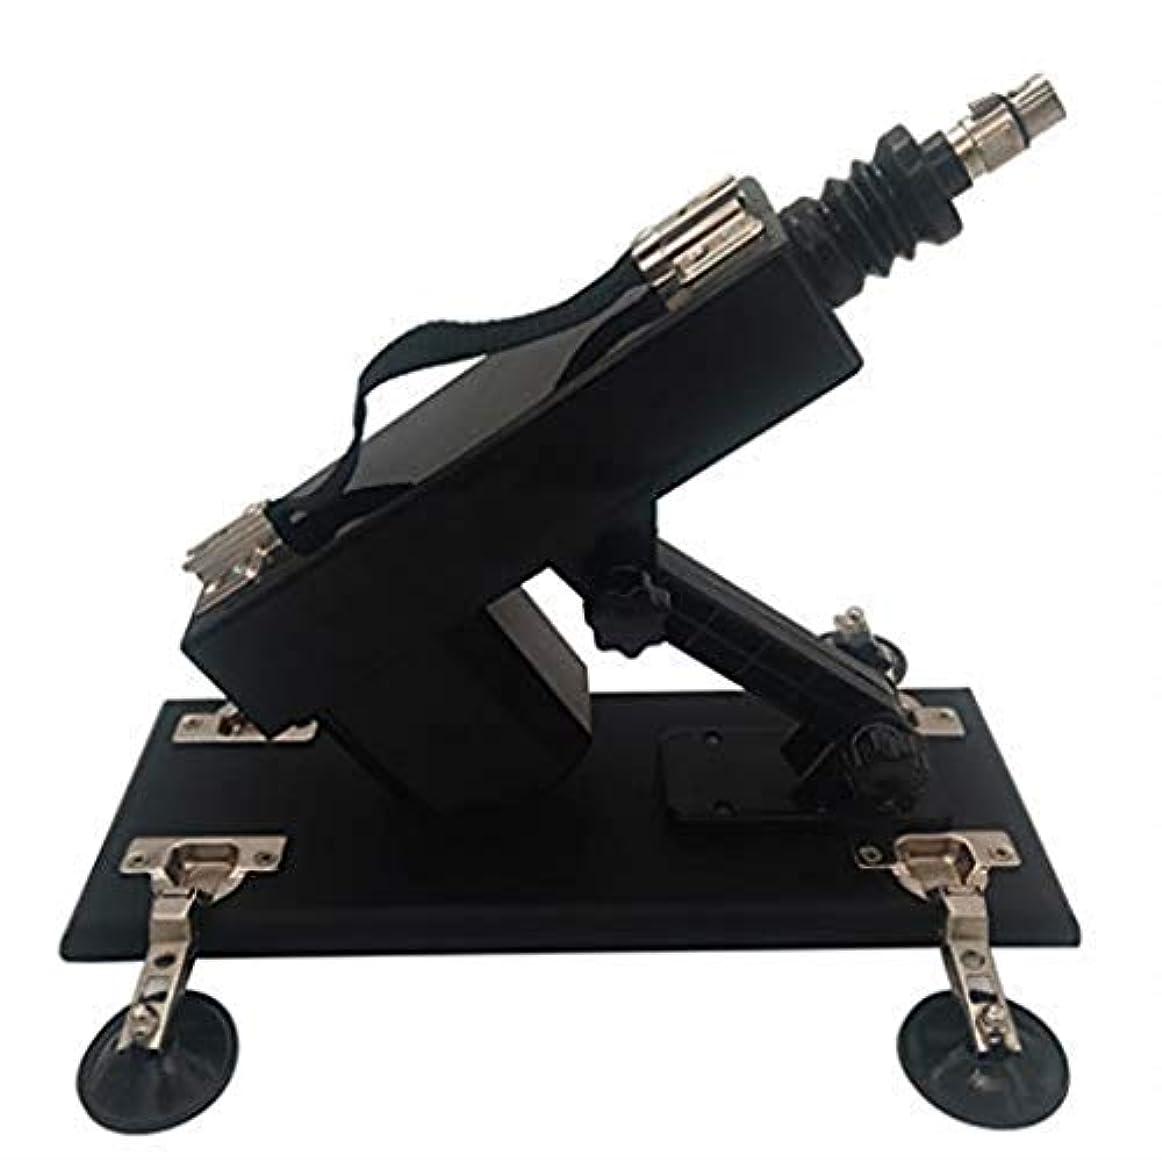 ノーブル冒険家戸棚Risareyi 電気格納式マルチスピードマシンマルチスピード調整可能な大人のマシンのおもちゃボディリラクゼーションデバイススリーブ